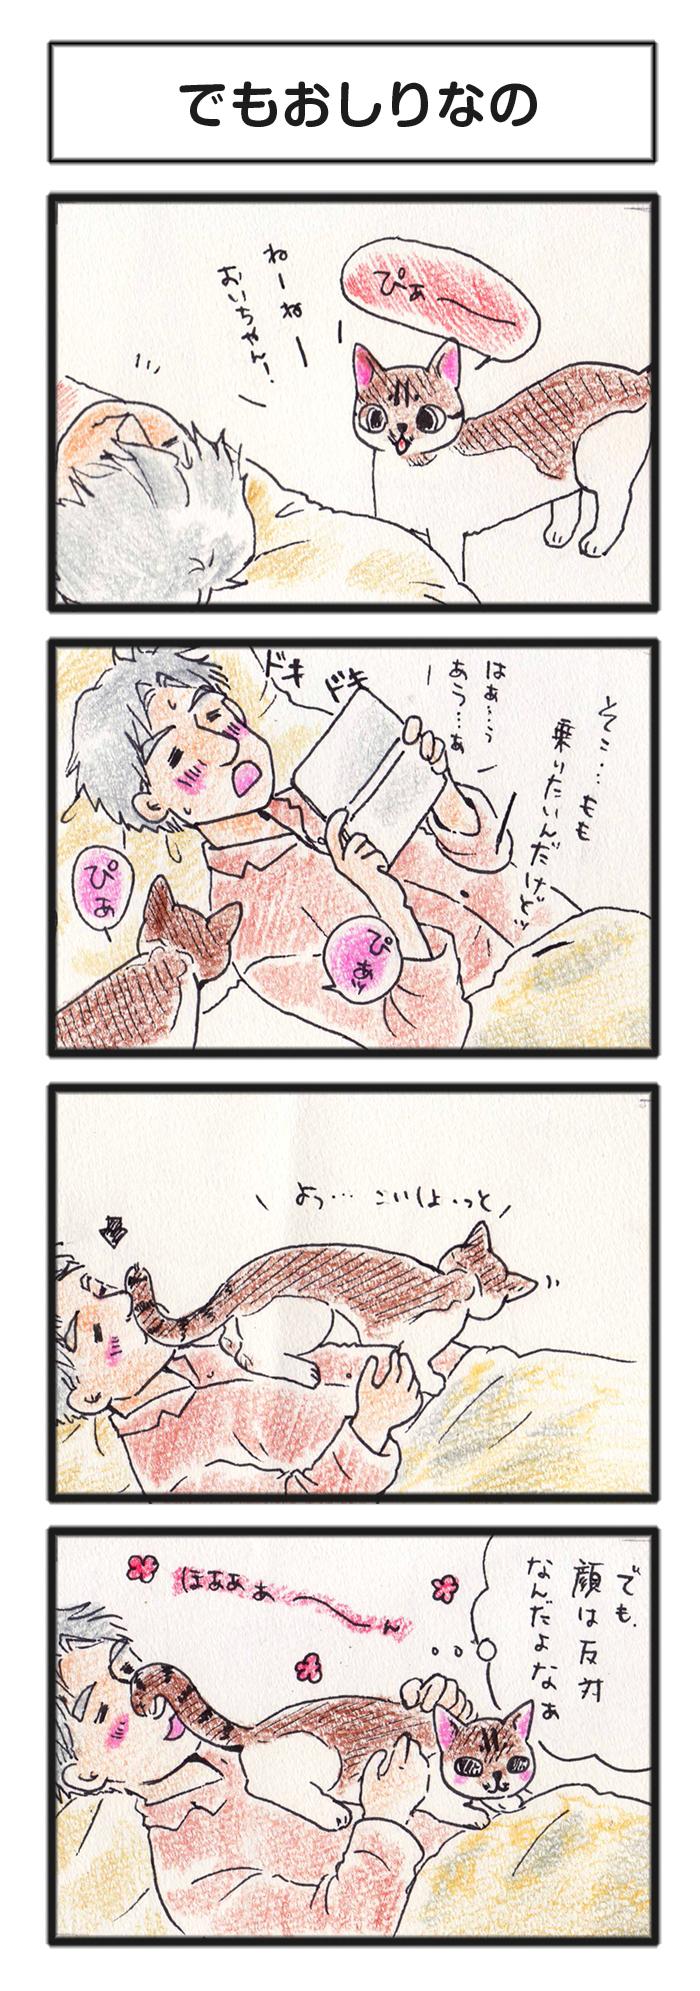 comic_4c_14122101.jpg